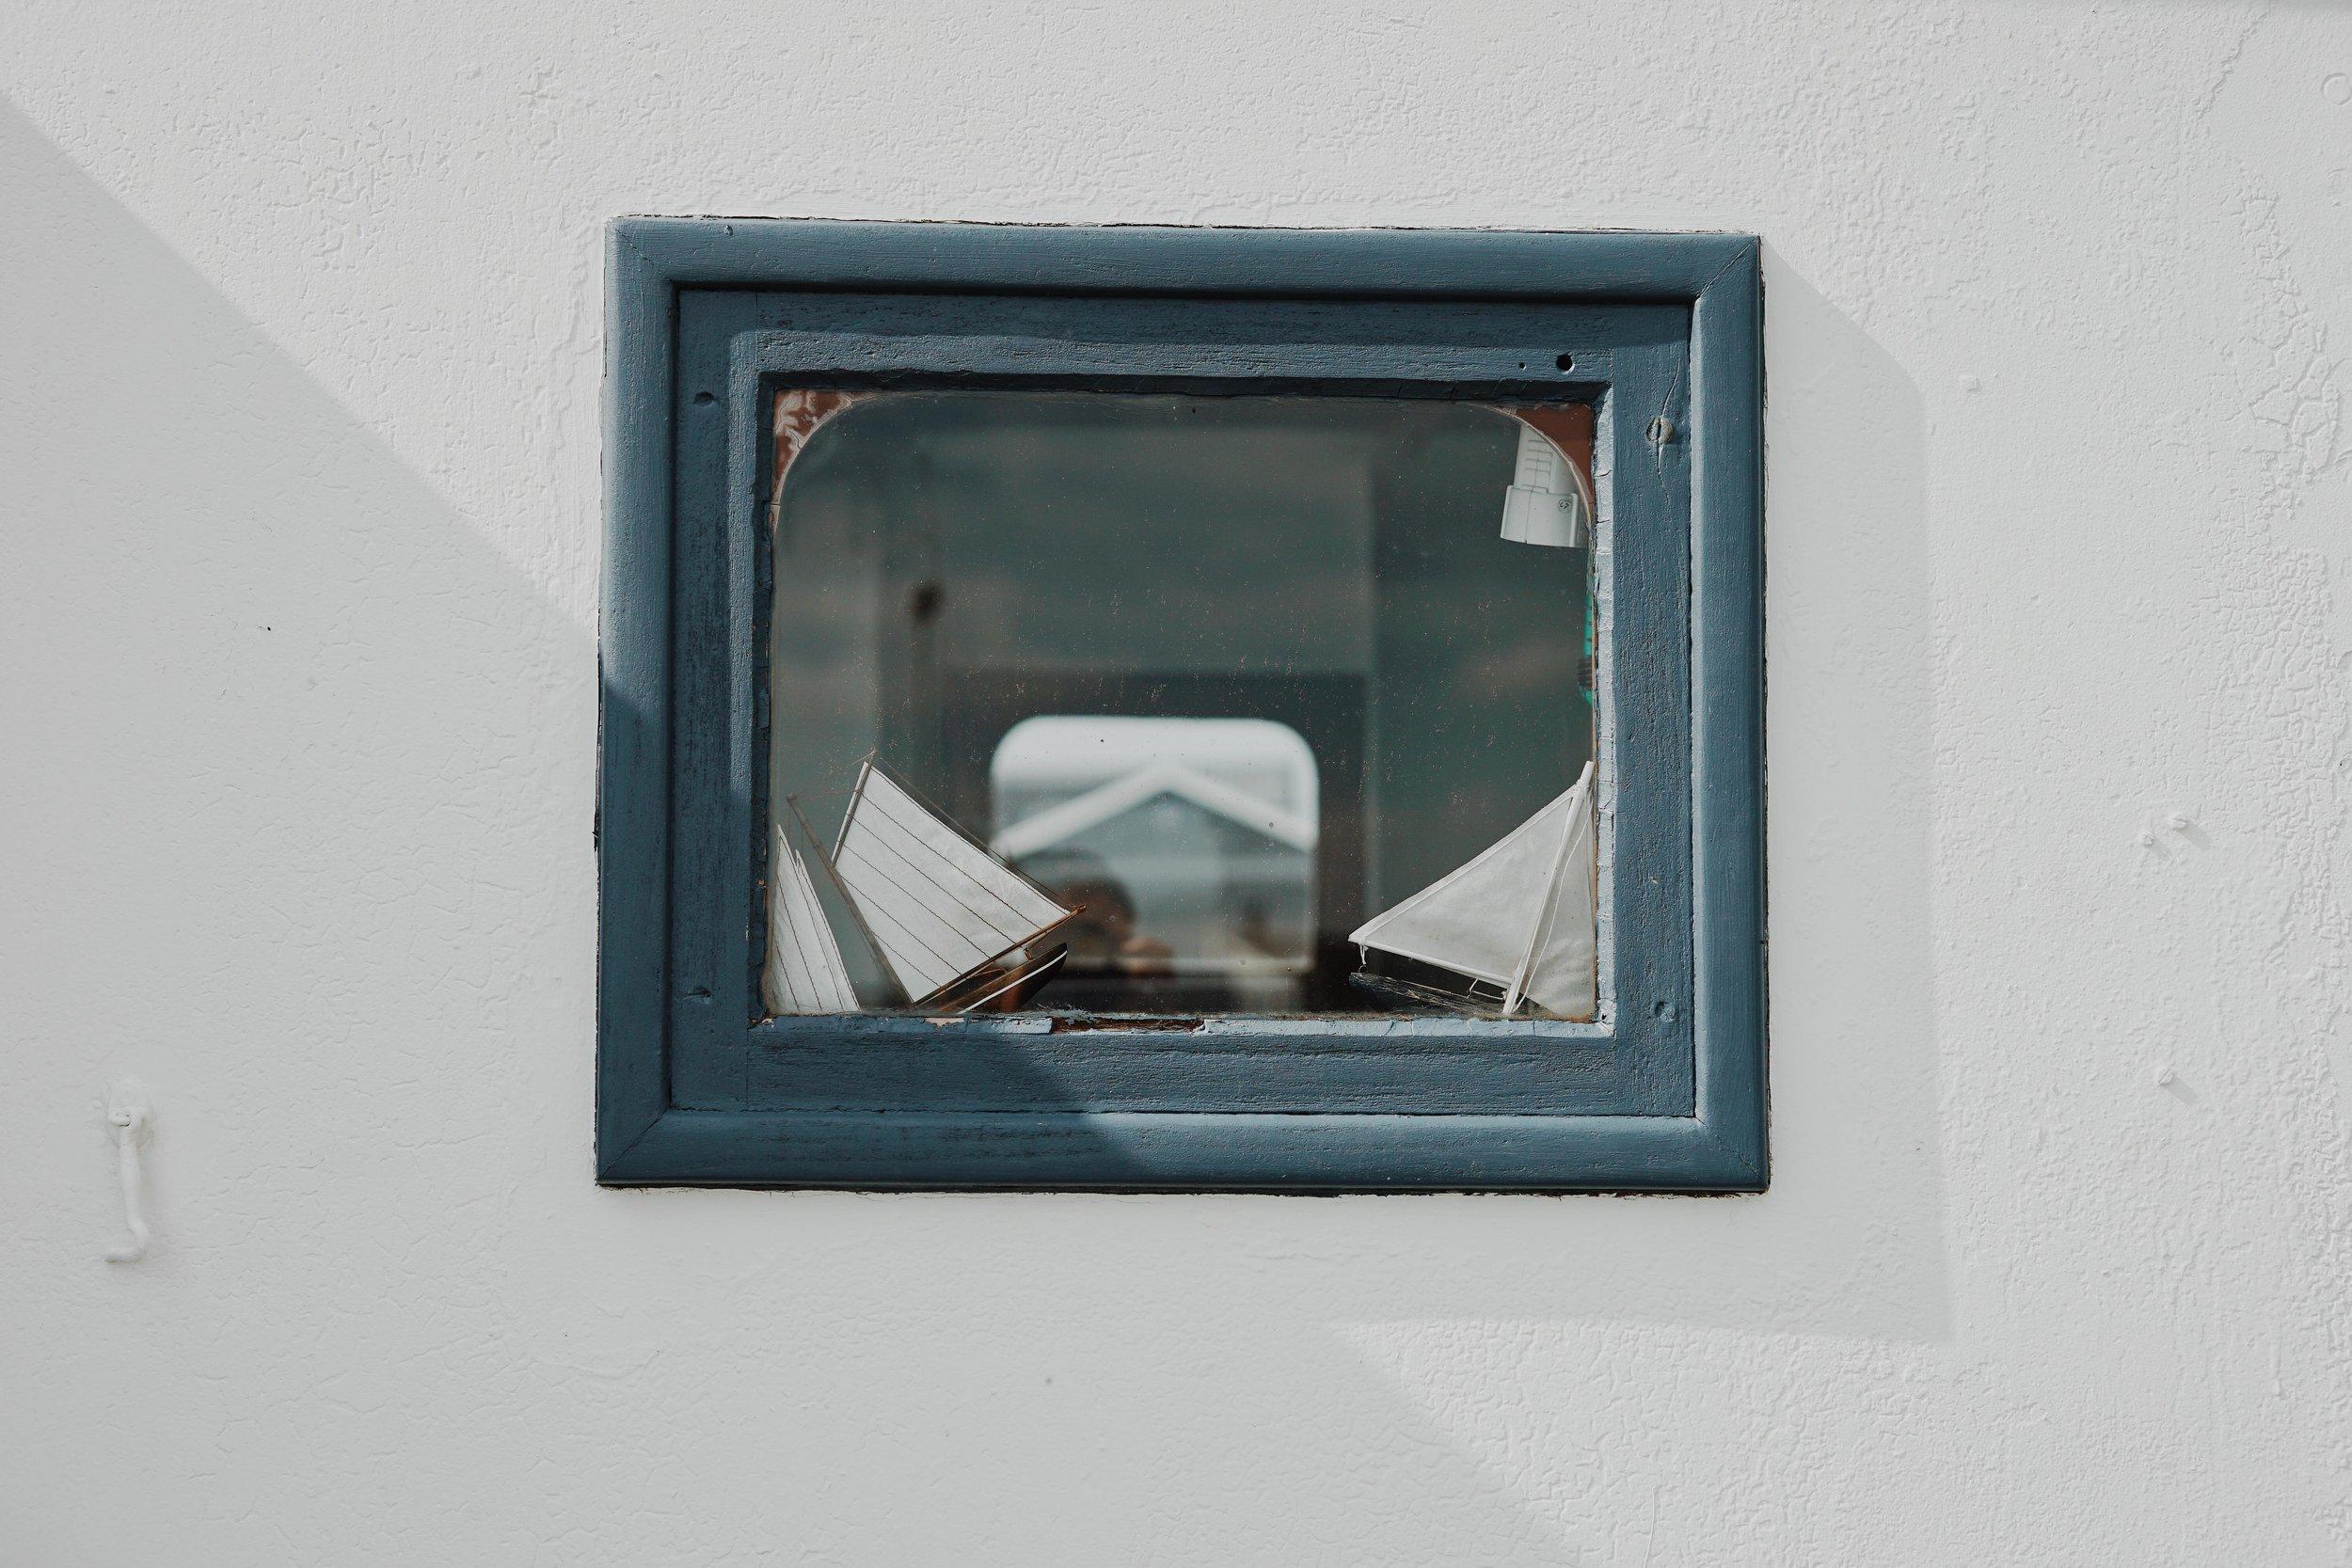 ASROSENVINGE_VisitSkane_Sweden_Vejbystrand_Harbour_Window_LowRes-171.jpg